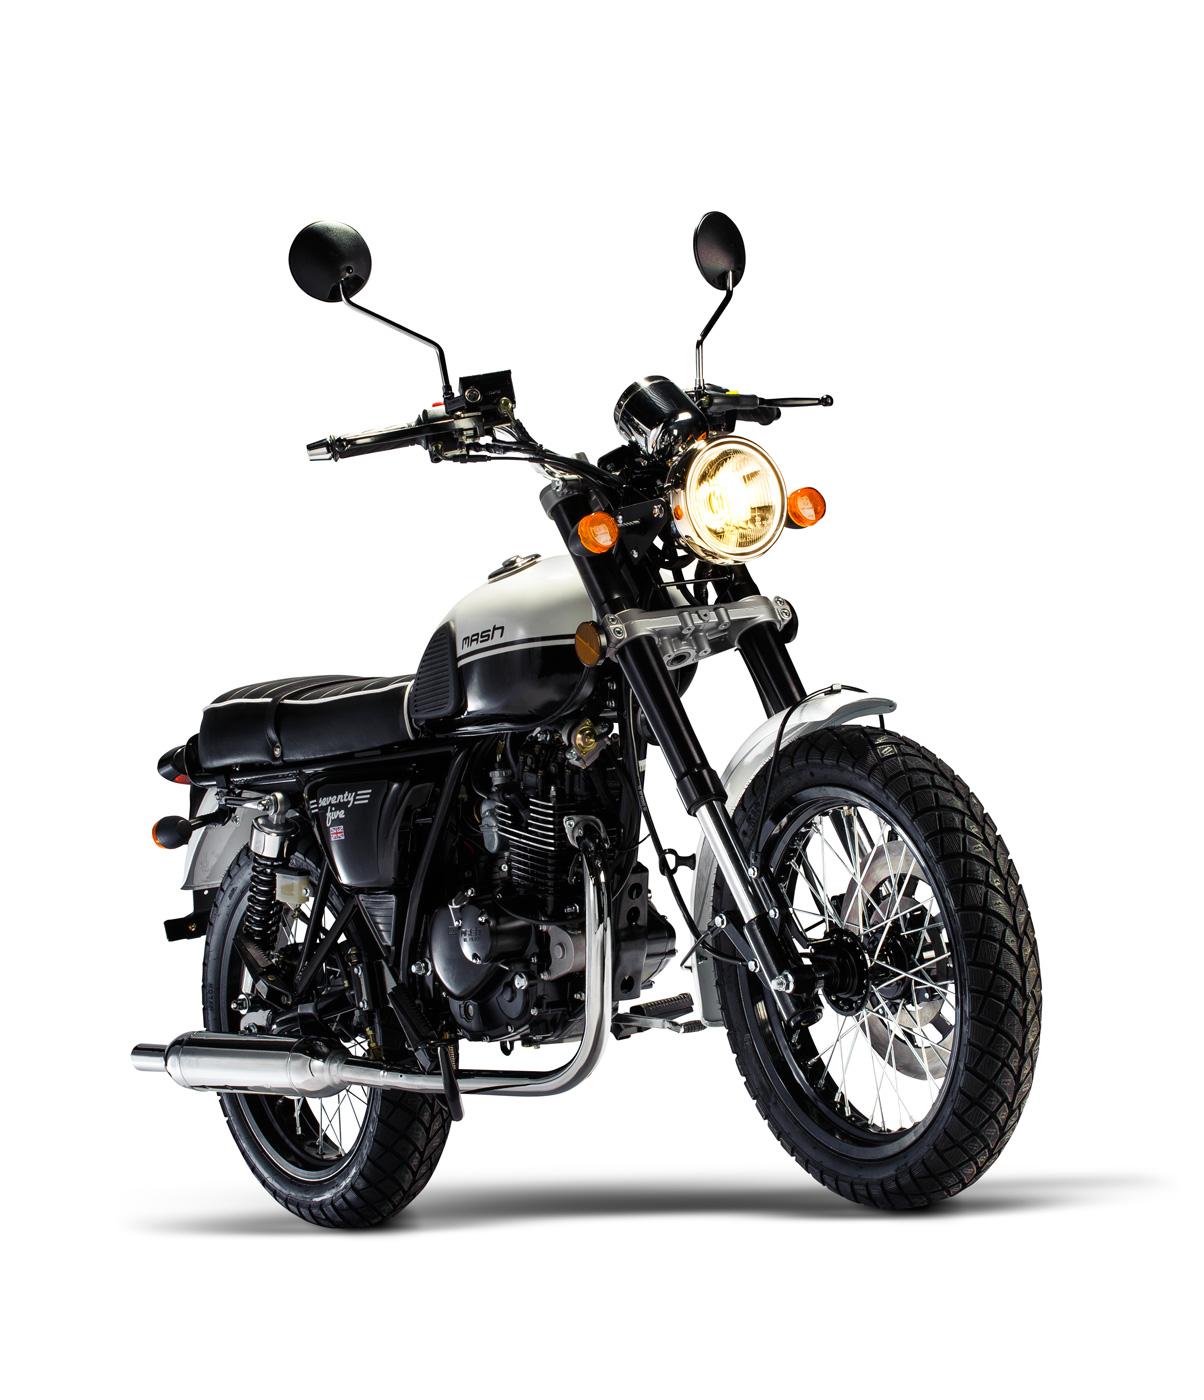 Seguro de moto Mash Seventy Five 125